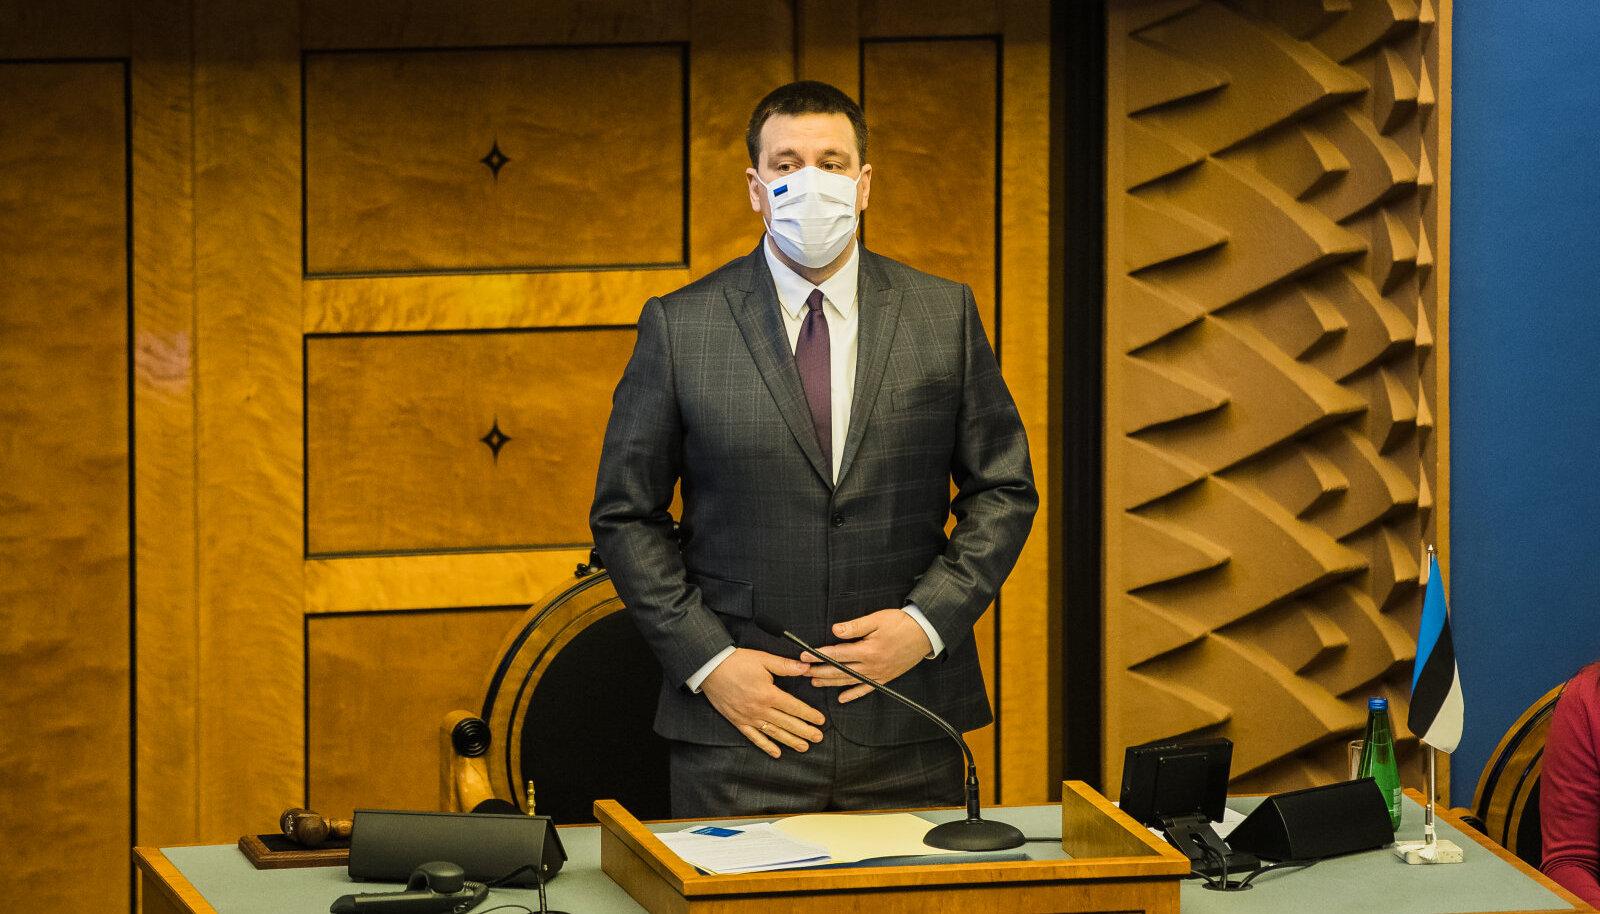 Lisaks riigikogu esimehe tooli haaramisele sai Jüri Ratas märtsis tagasi ka eestlaste lemmikpeaministri positsiooni.